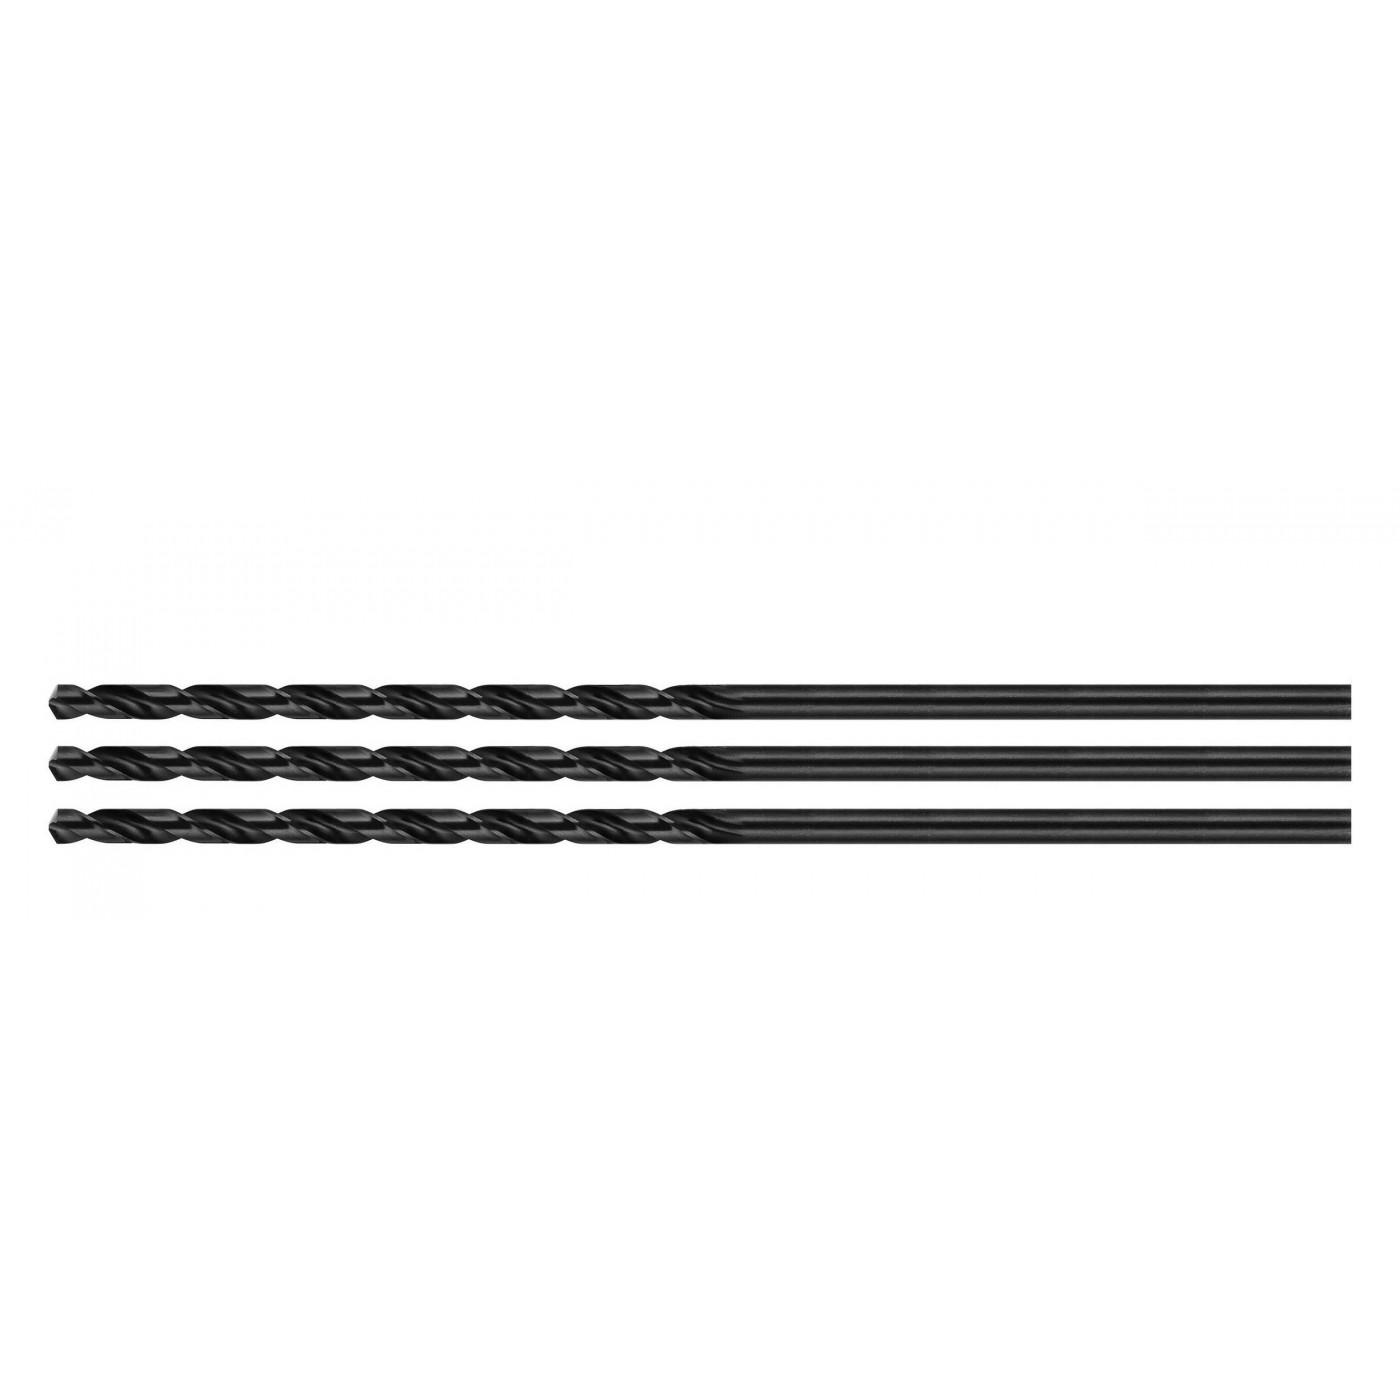 Set of 3 metal drill bits (HSS, 5.5x150 mm)